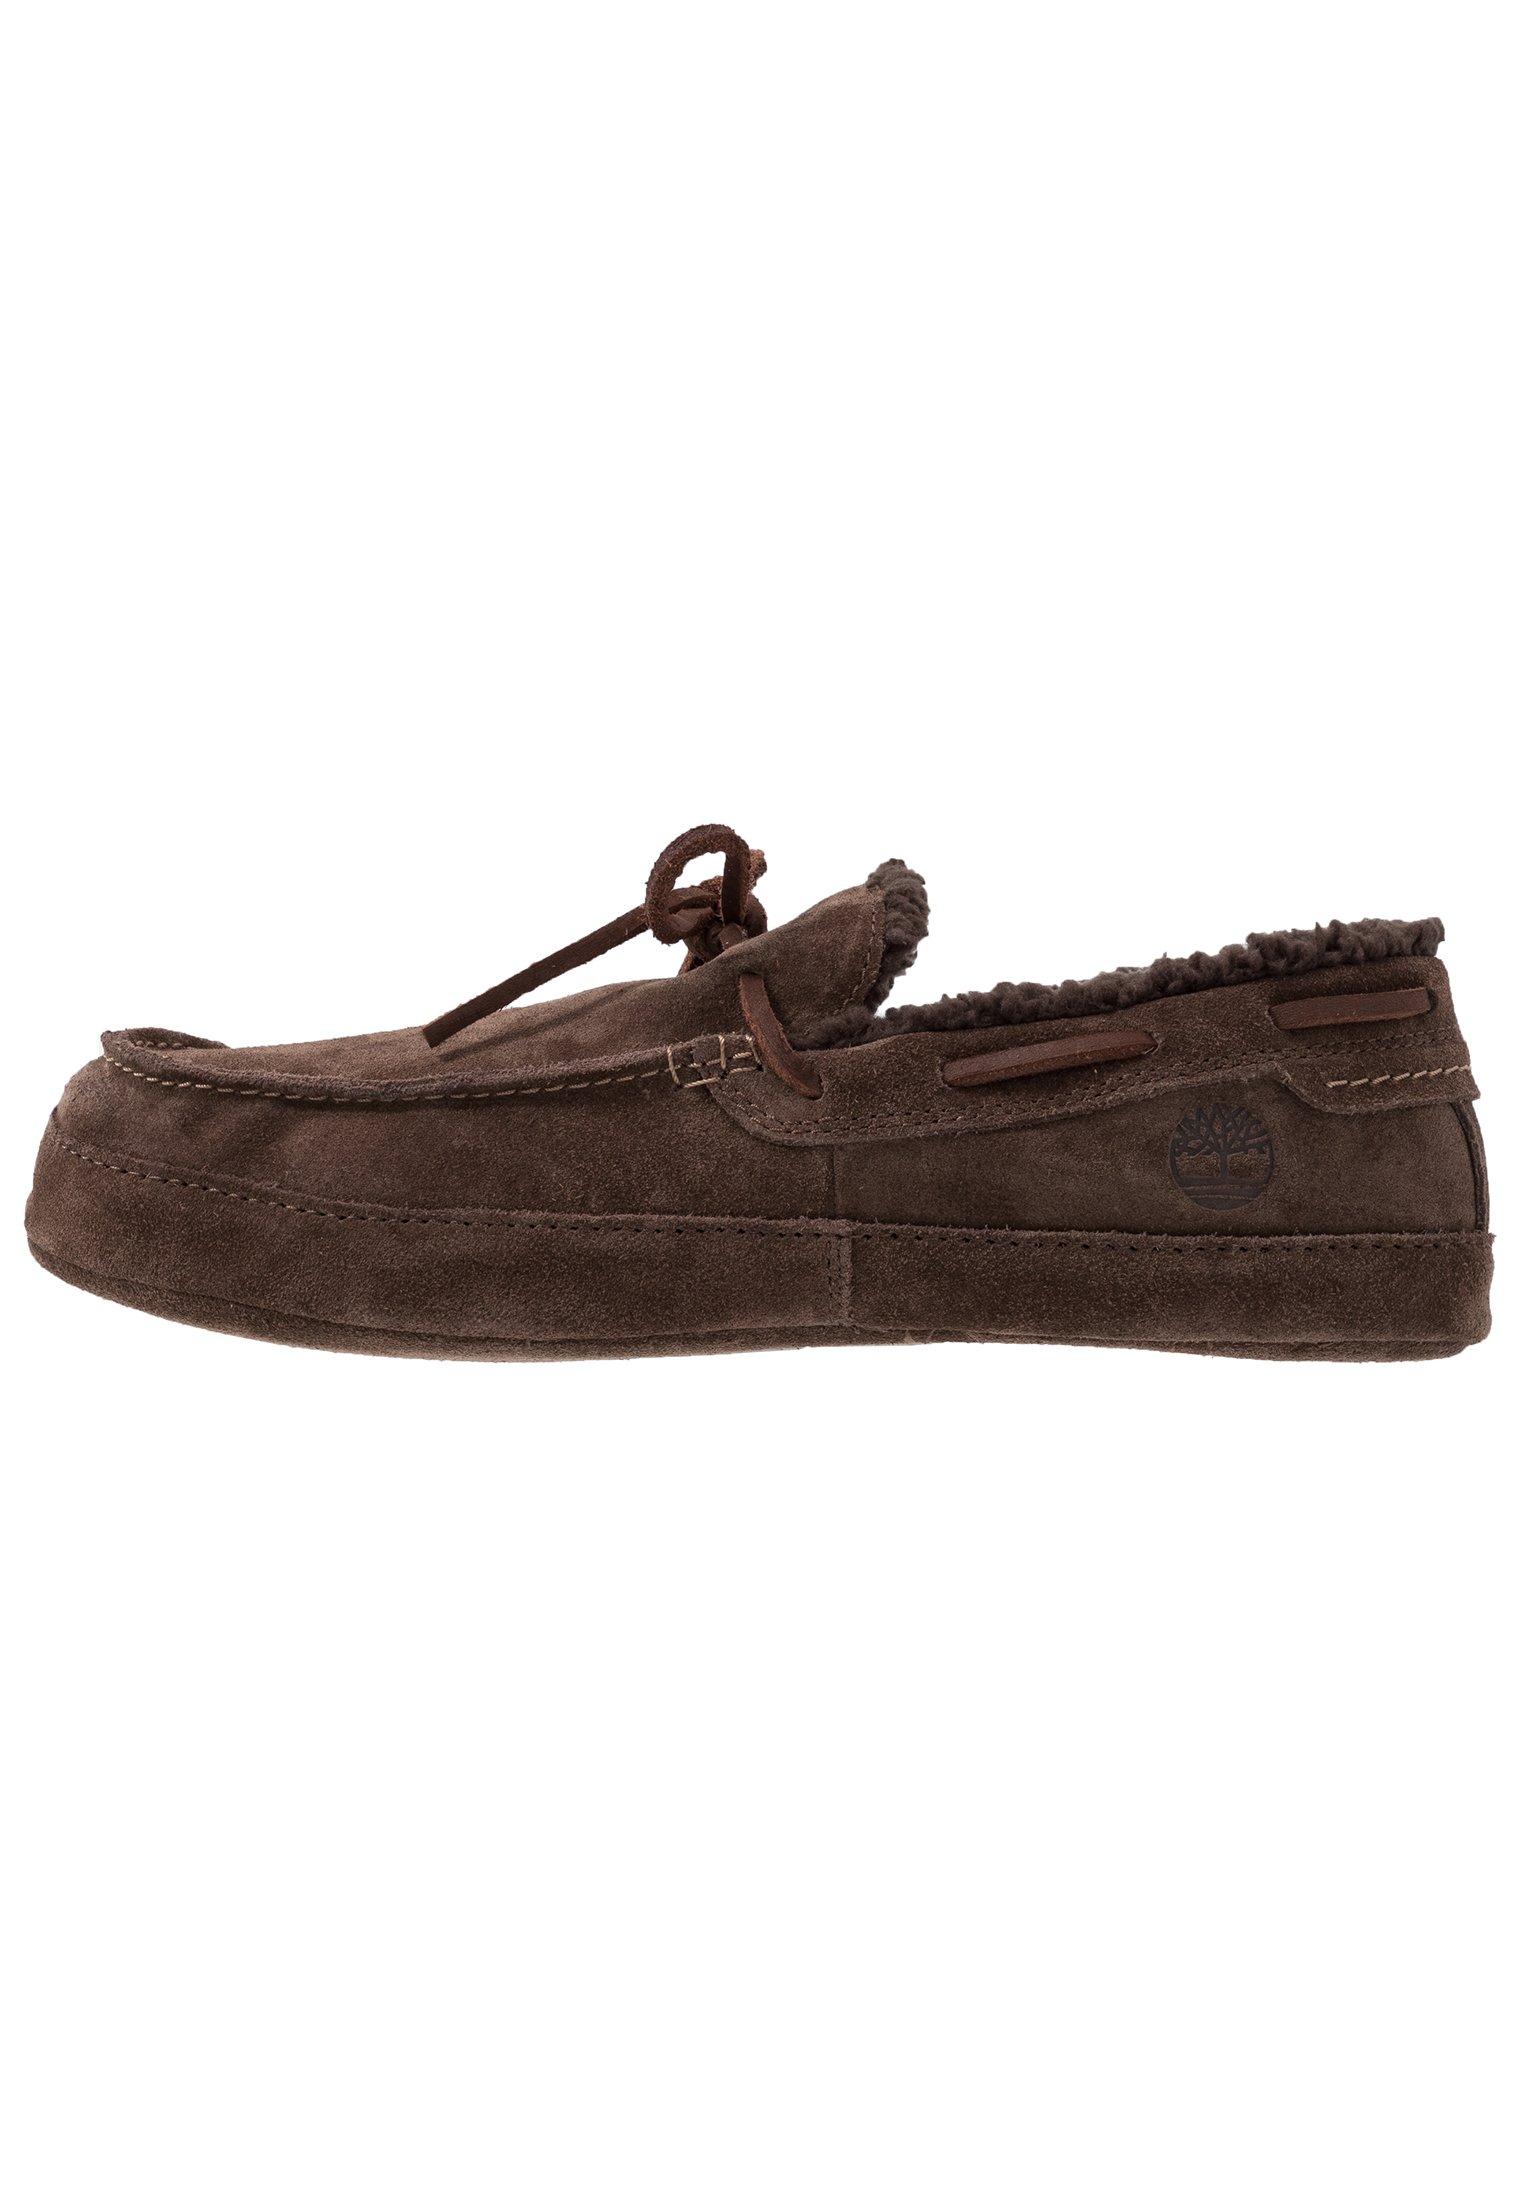 Heren pantoffels outlet online kopen | ZALANDO